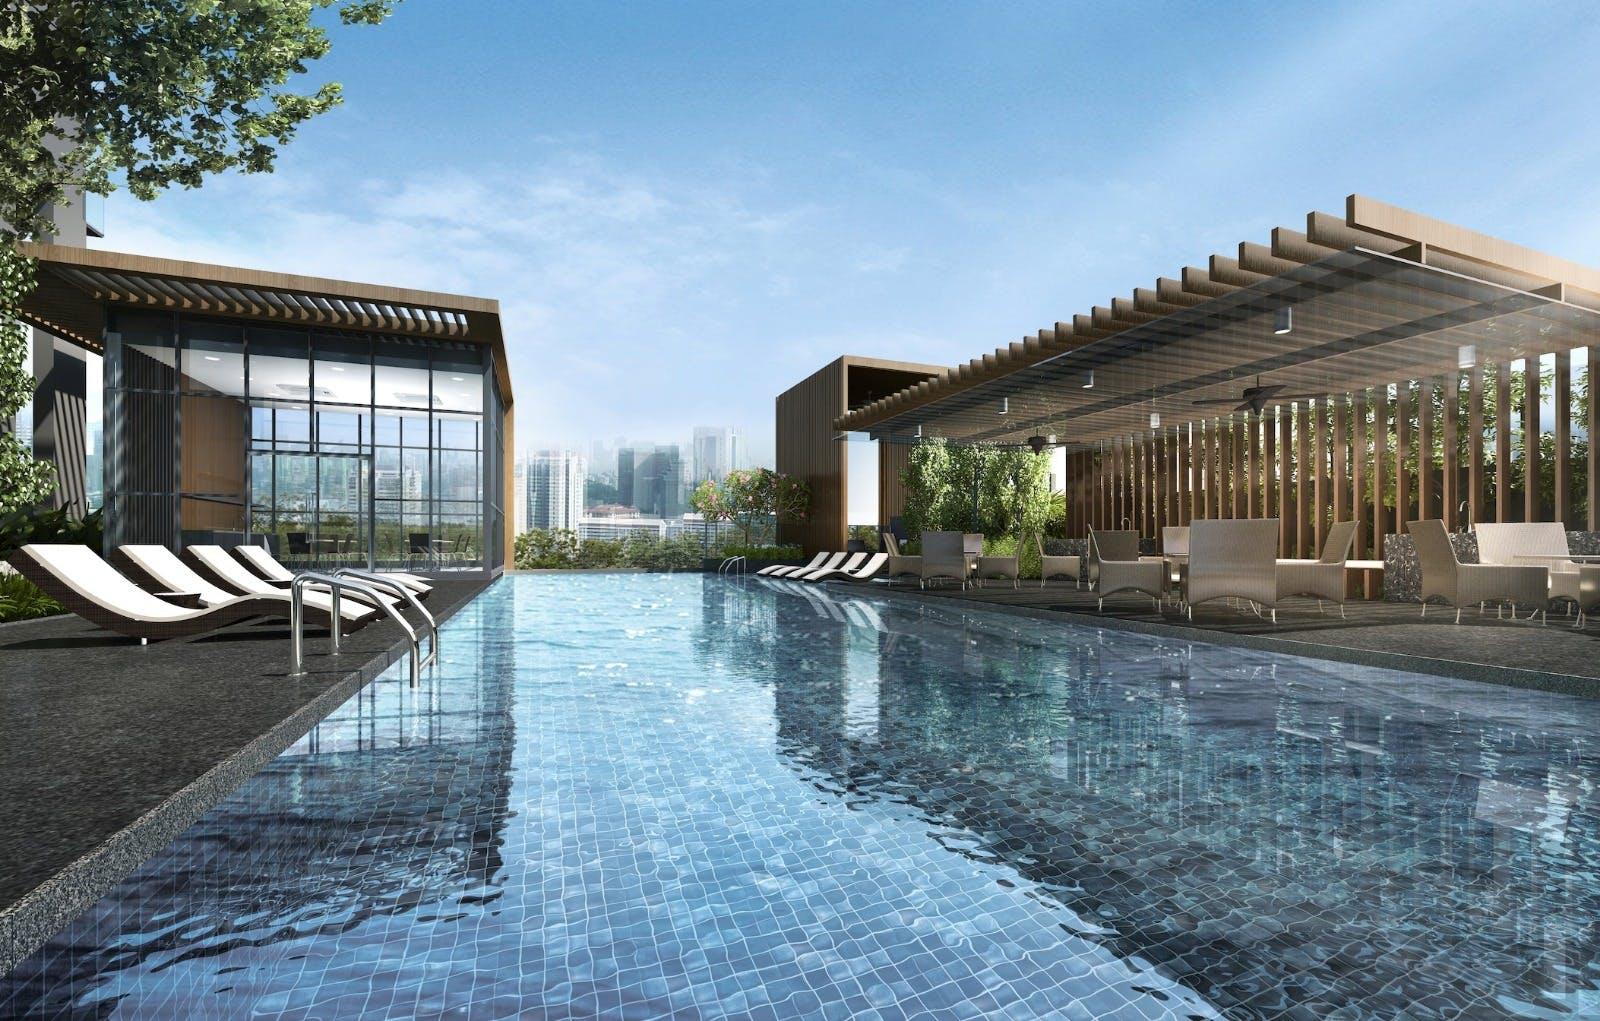 Exquisite pool view at Verticus